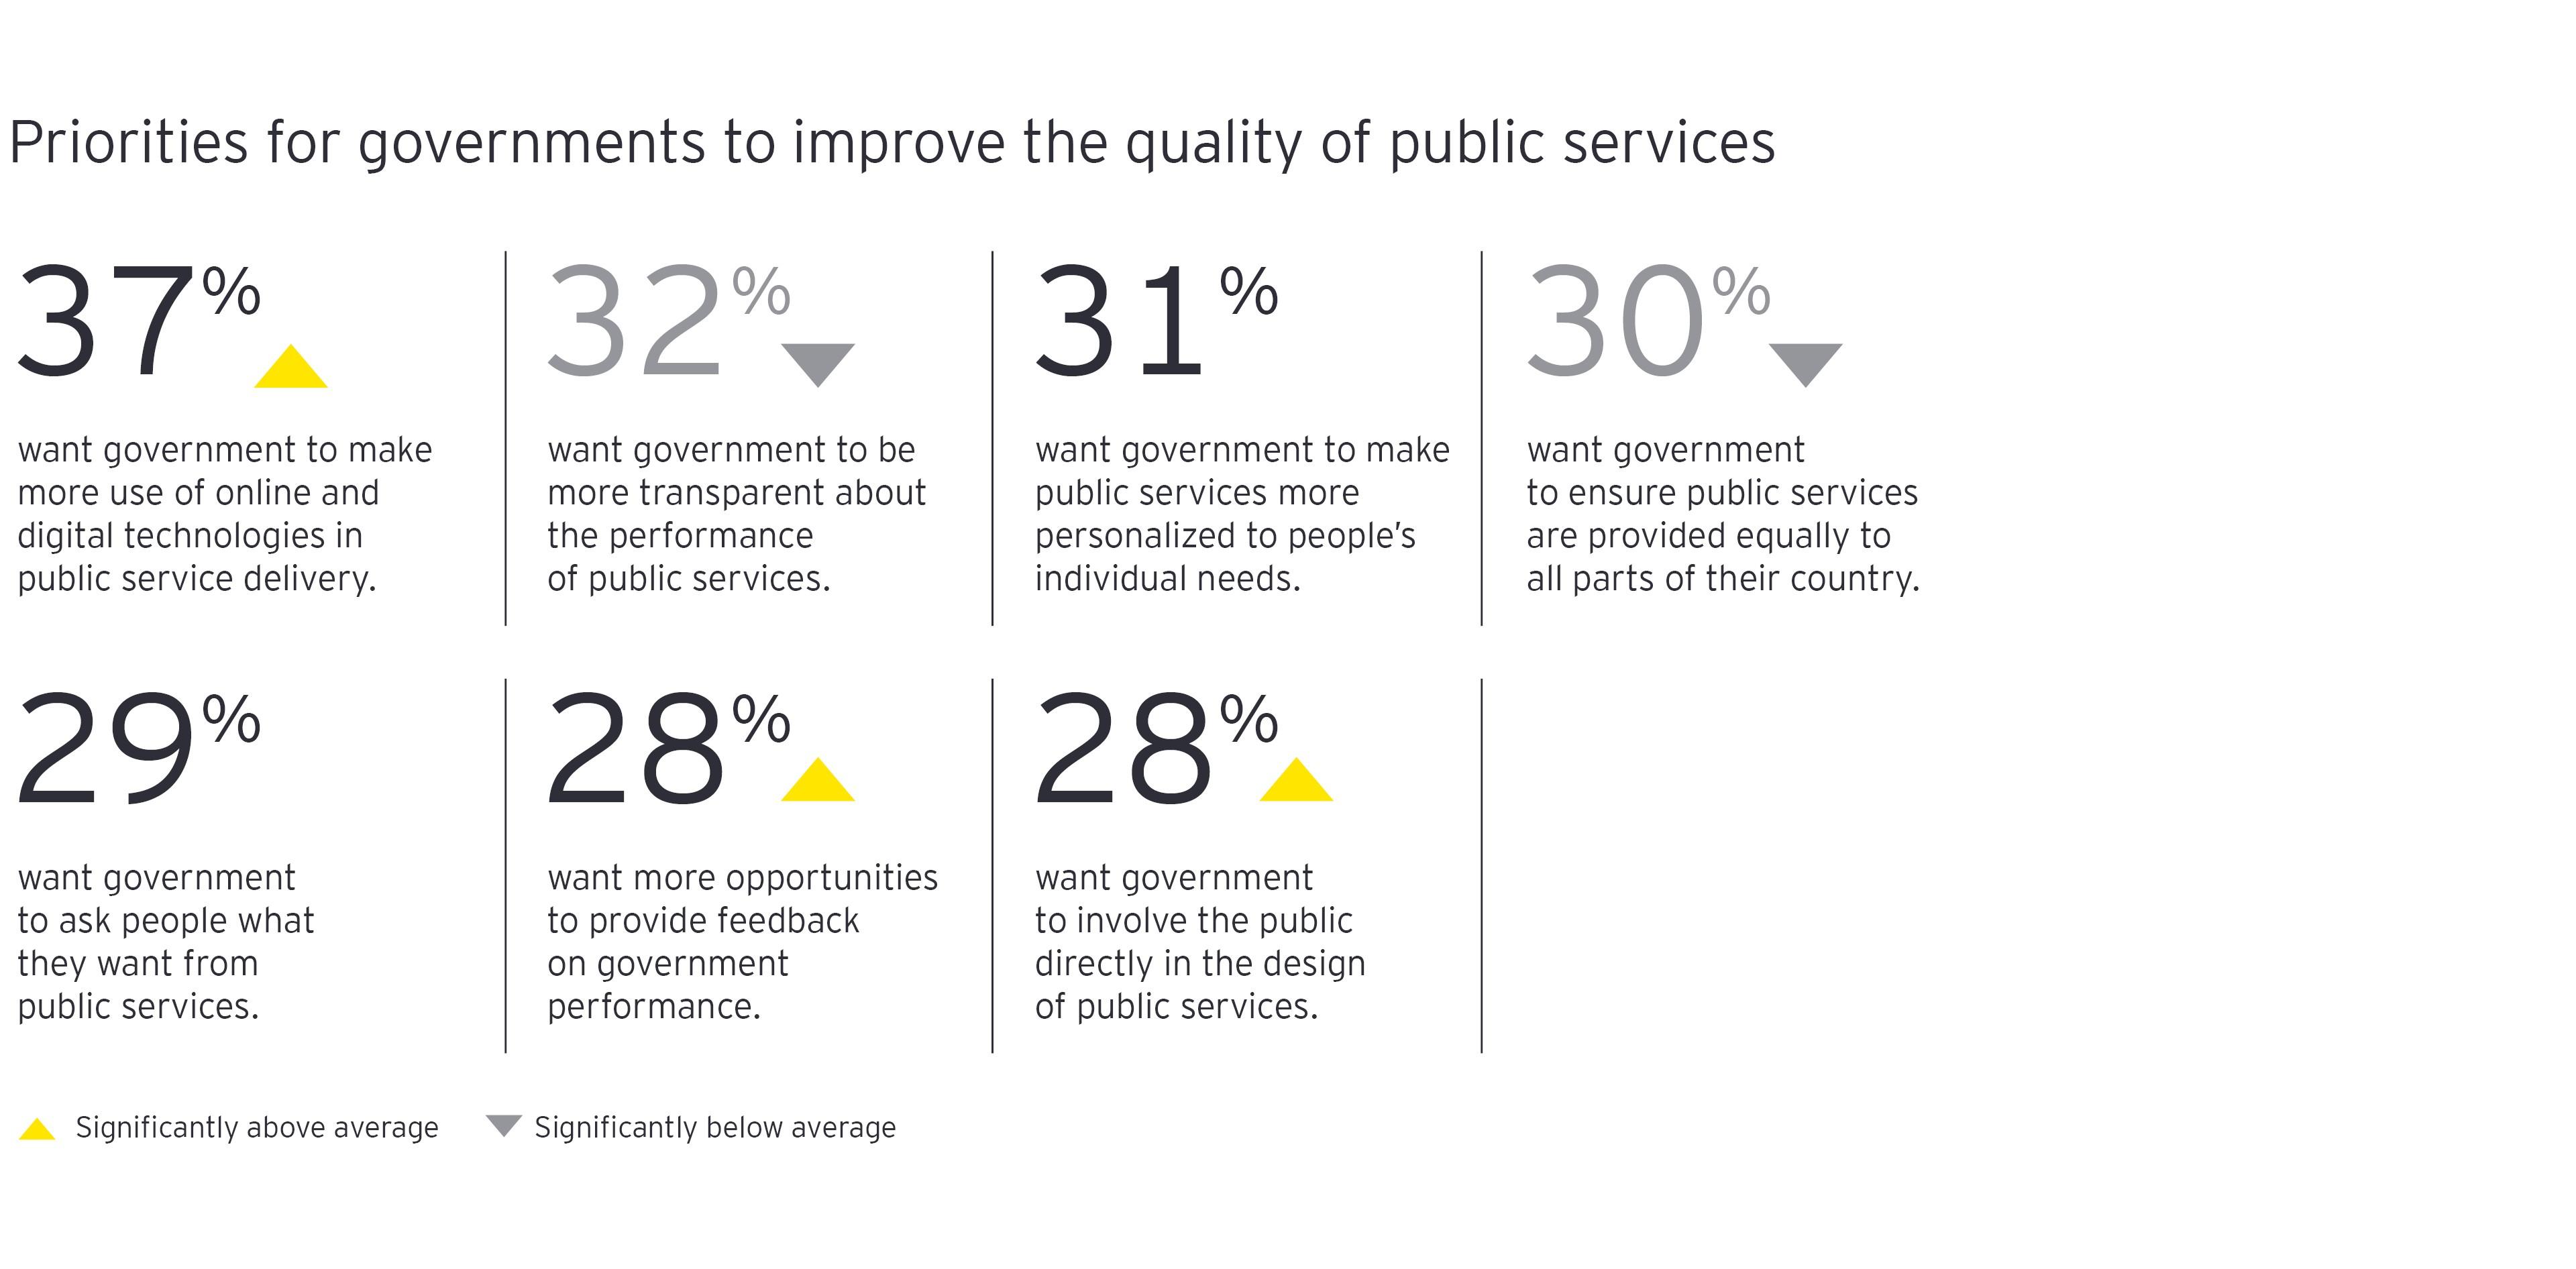 Prioridades del gobierno para mejorar la calidad del servicio público gráfico